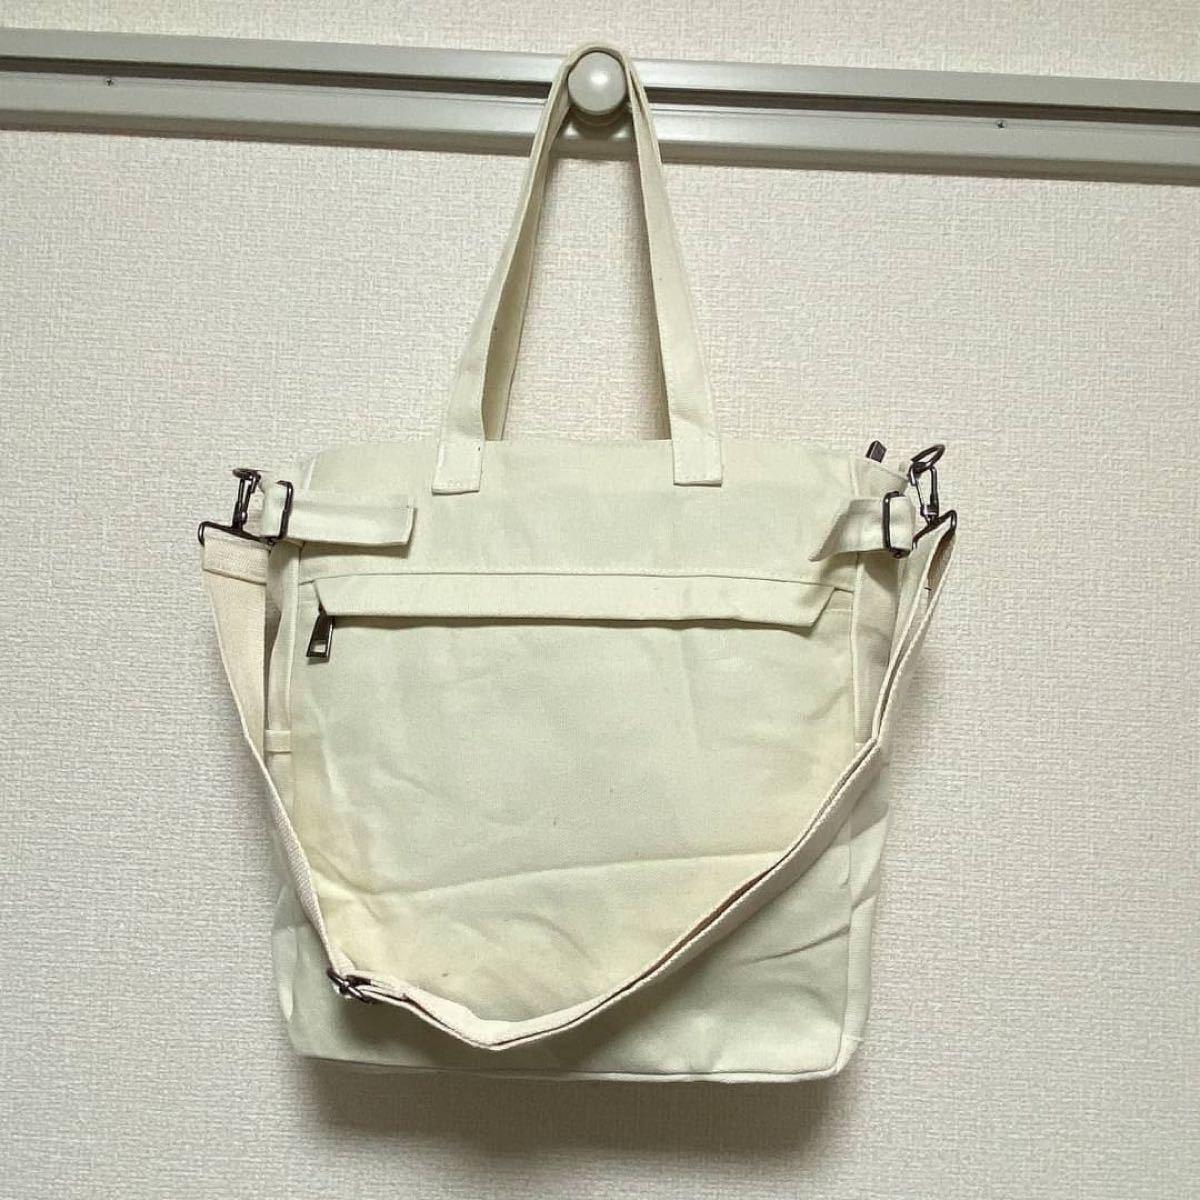 3way 帆布 トートバッグ ショルダーバッグ キャンバス 大容量 ホワイト